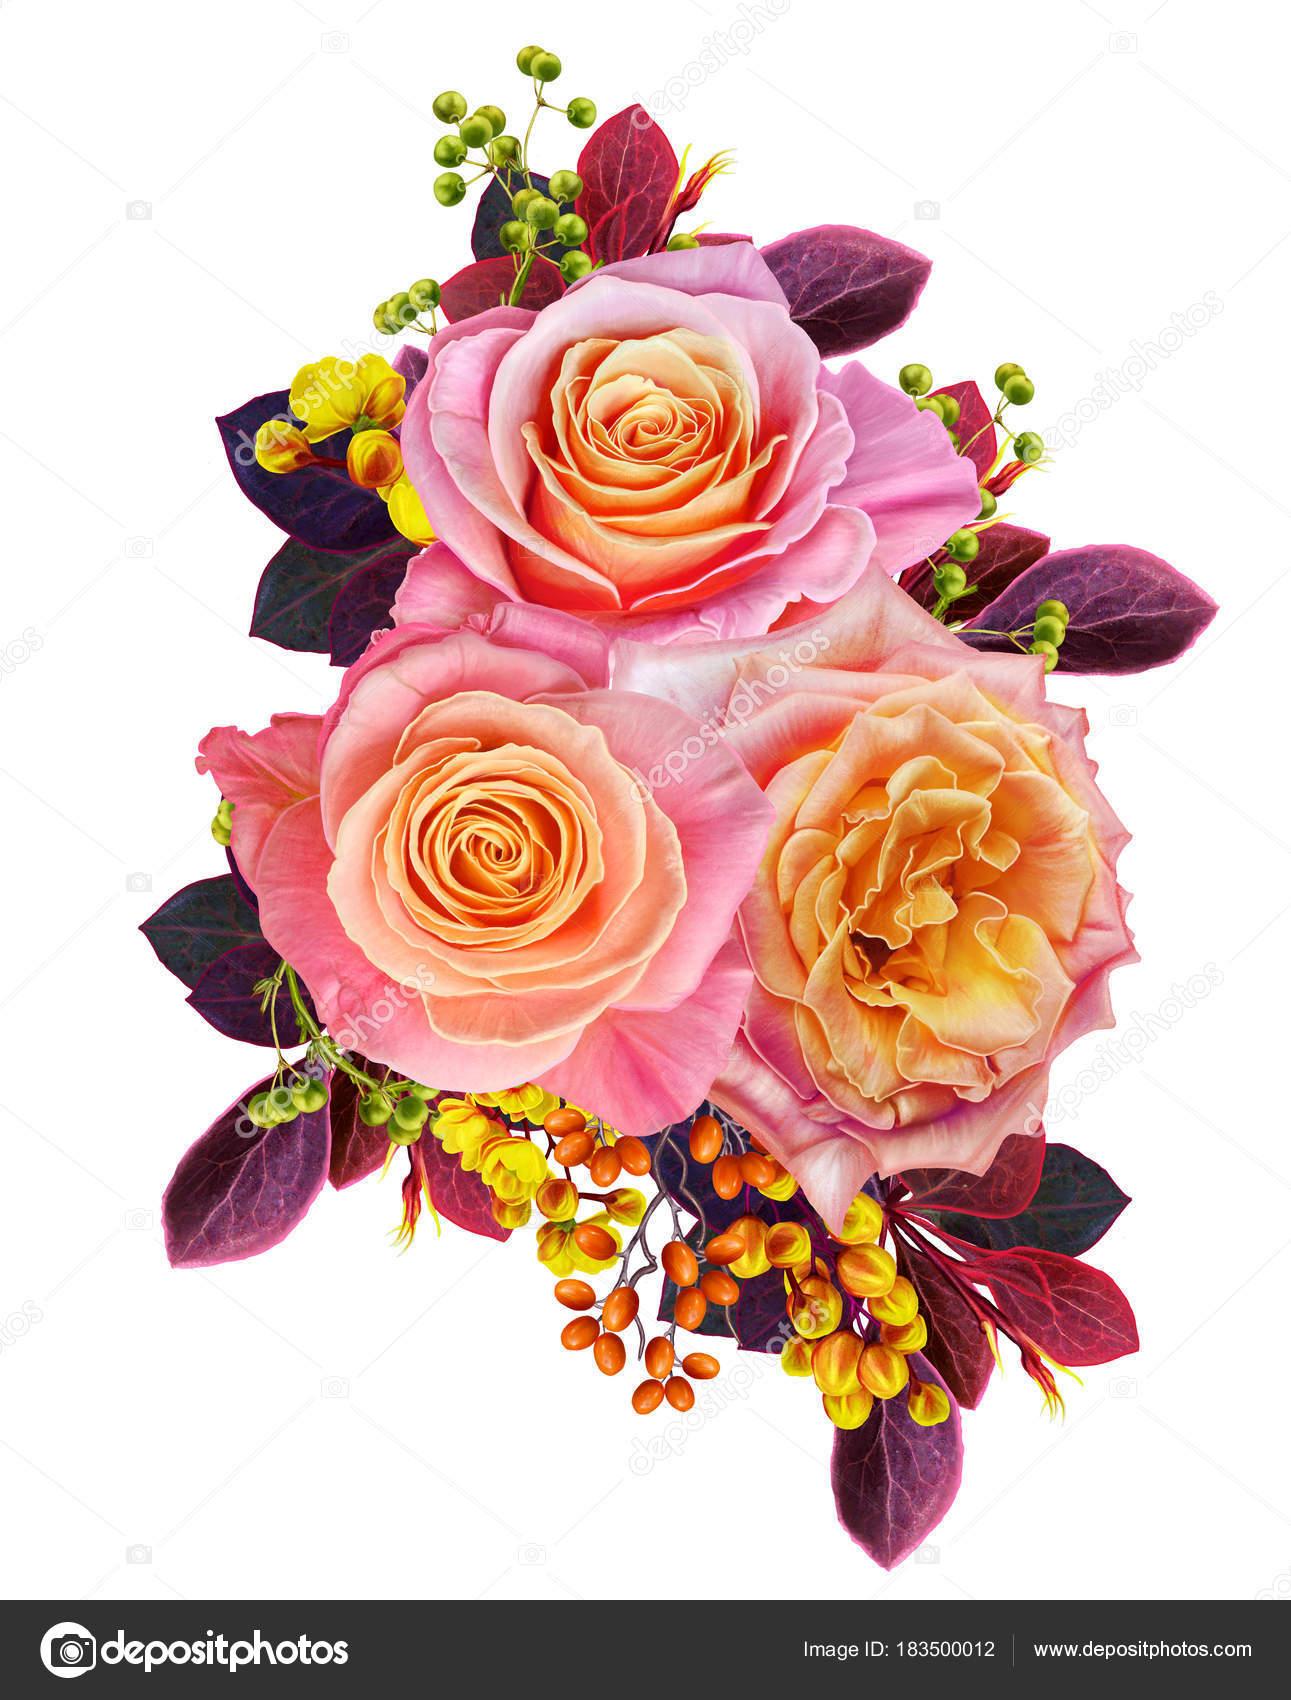 Открытка с благодарностью цветы и ягоды в букете 19